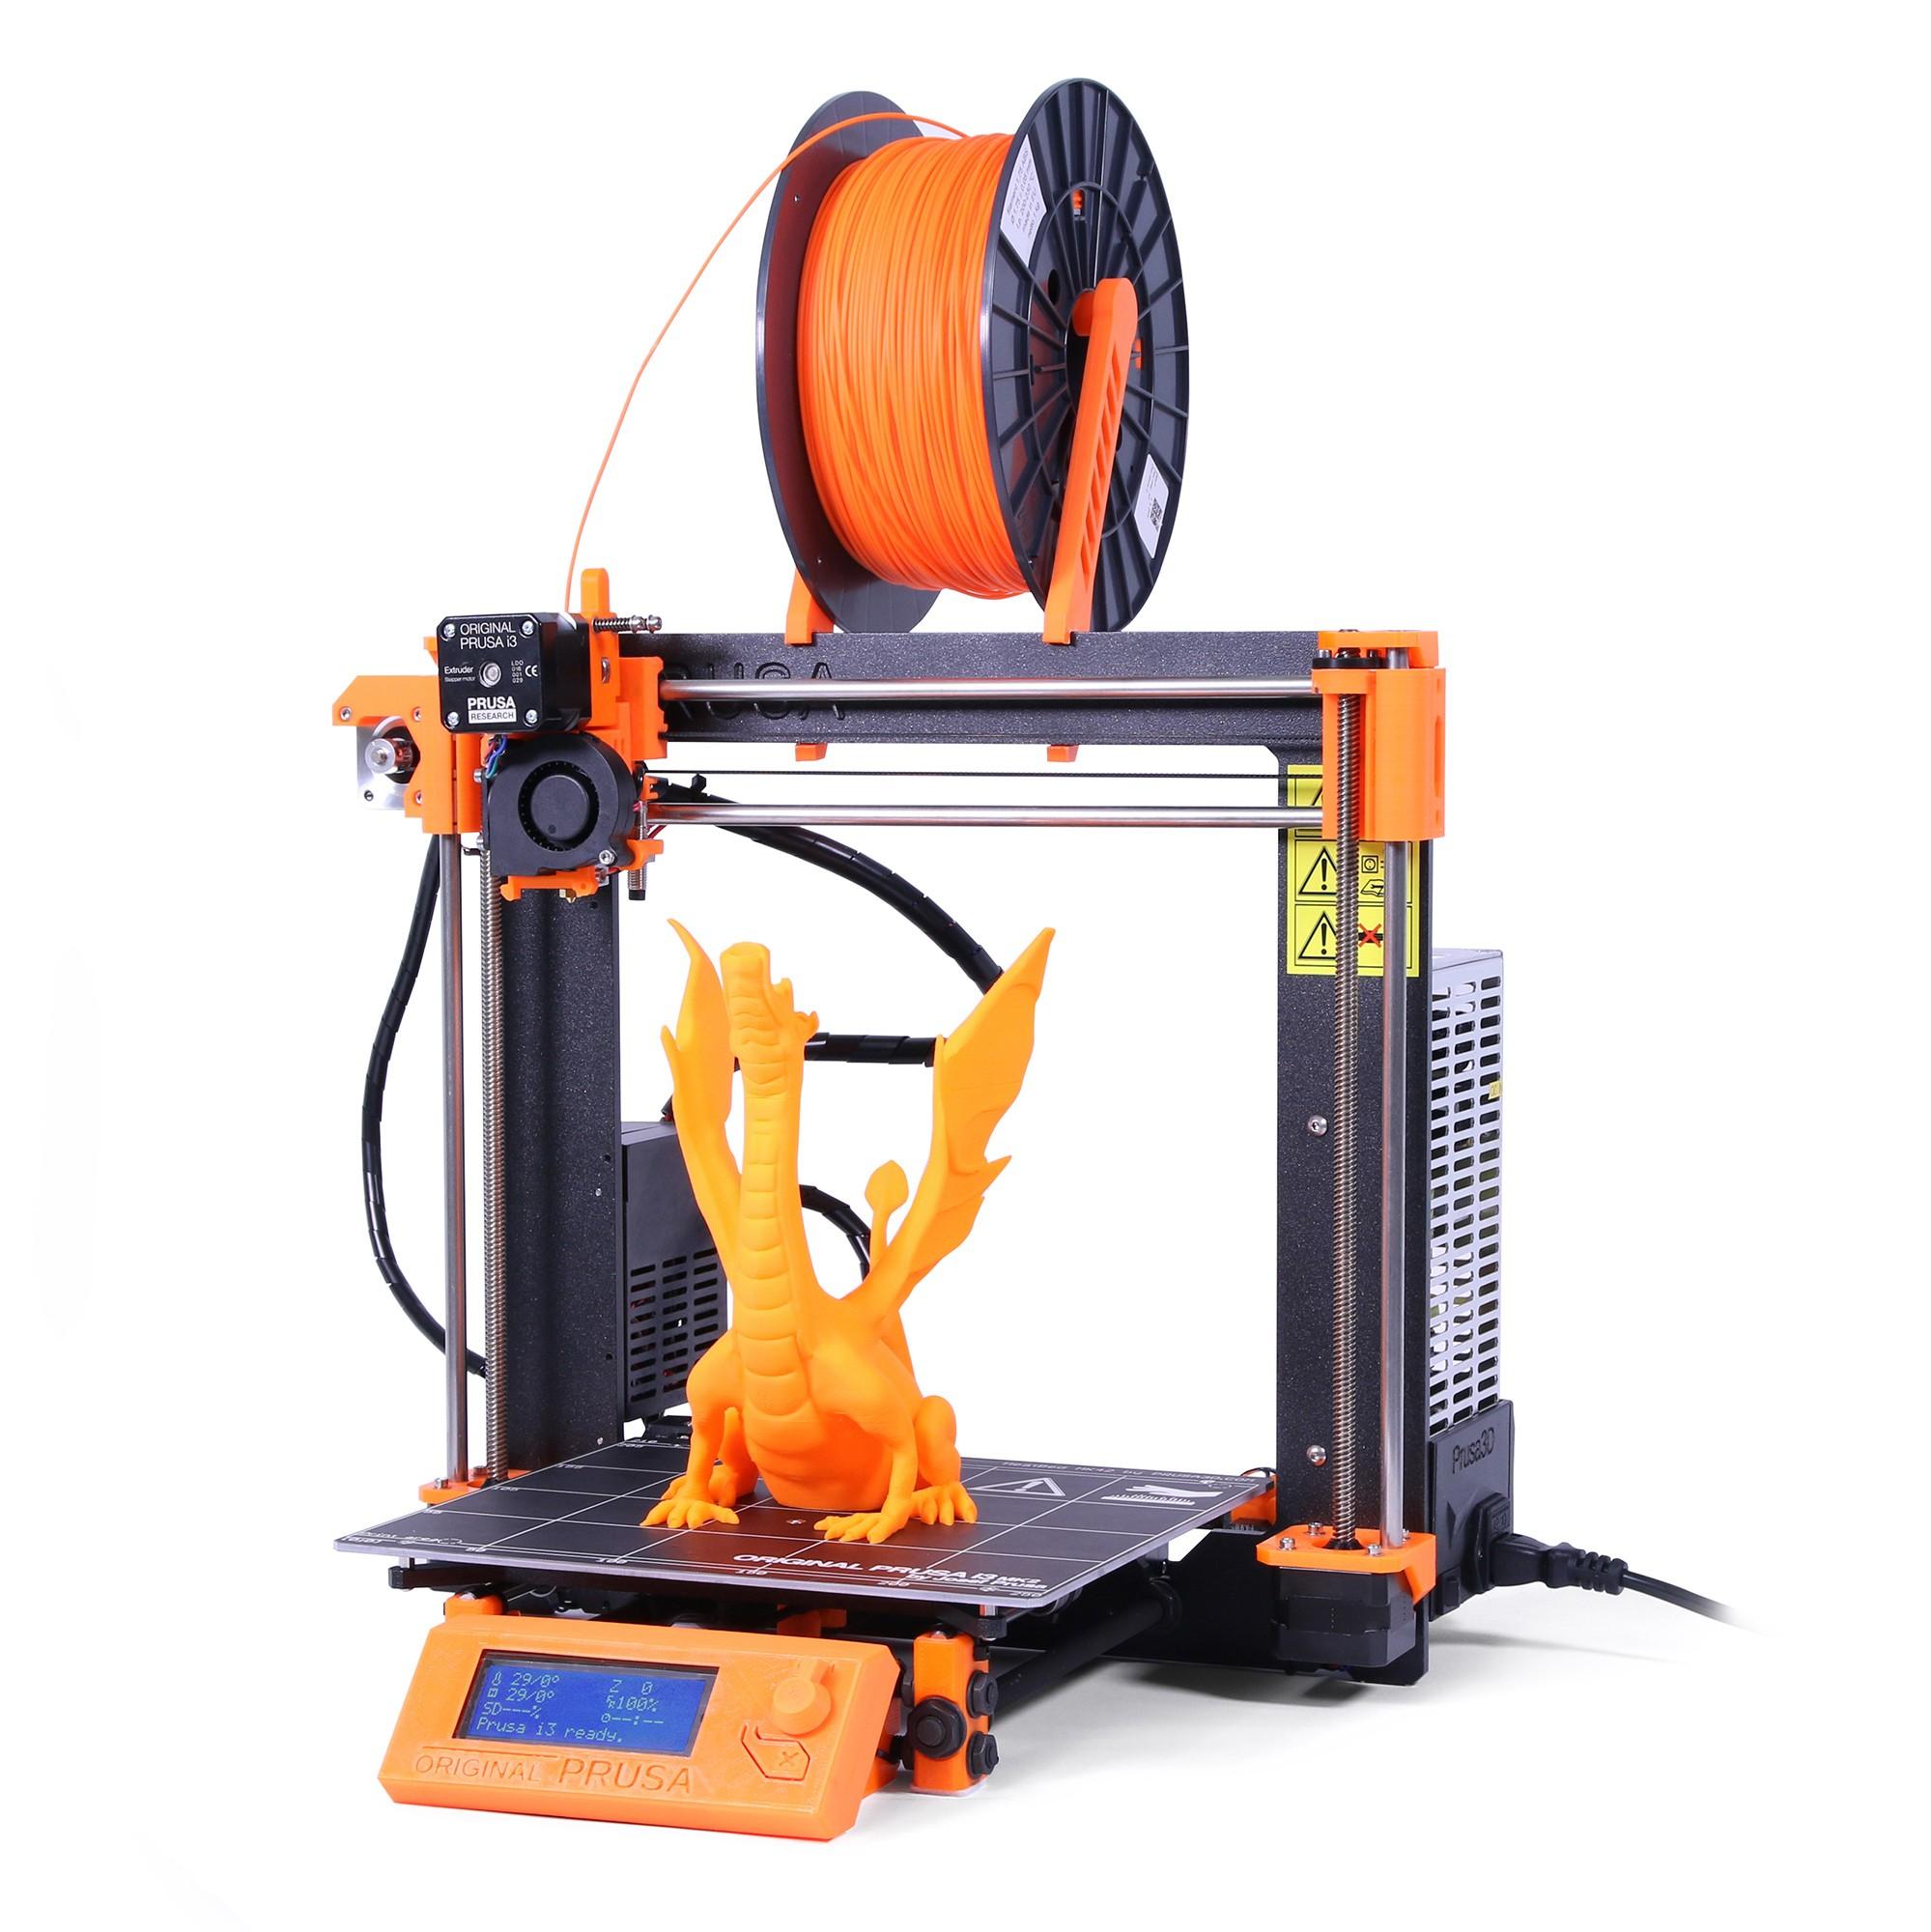 Taller de Impresión 3D: Diseñar, Calibrar e Imprimir